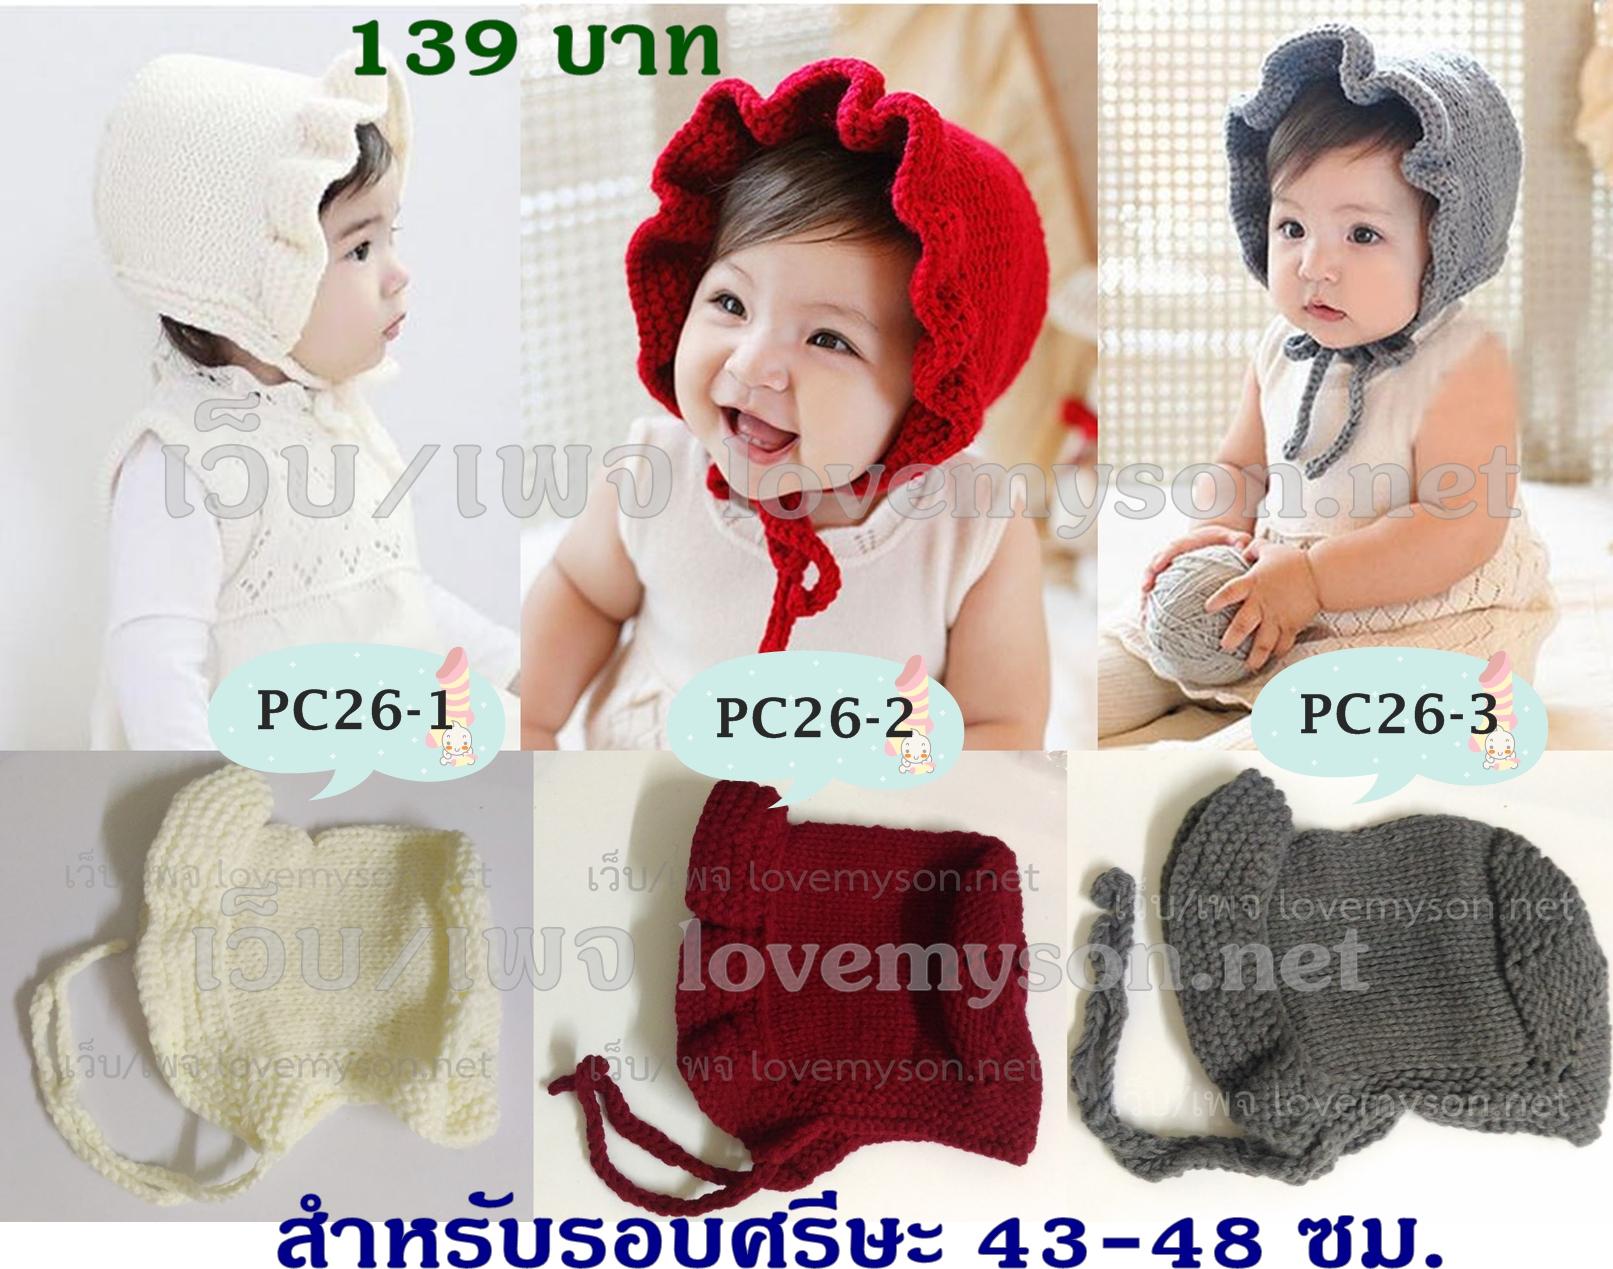 หมวกไหมพรมน่ารัก PC26